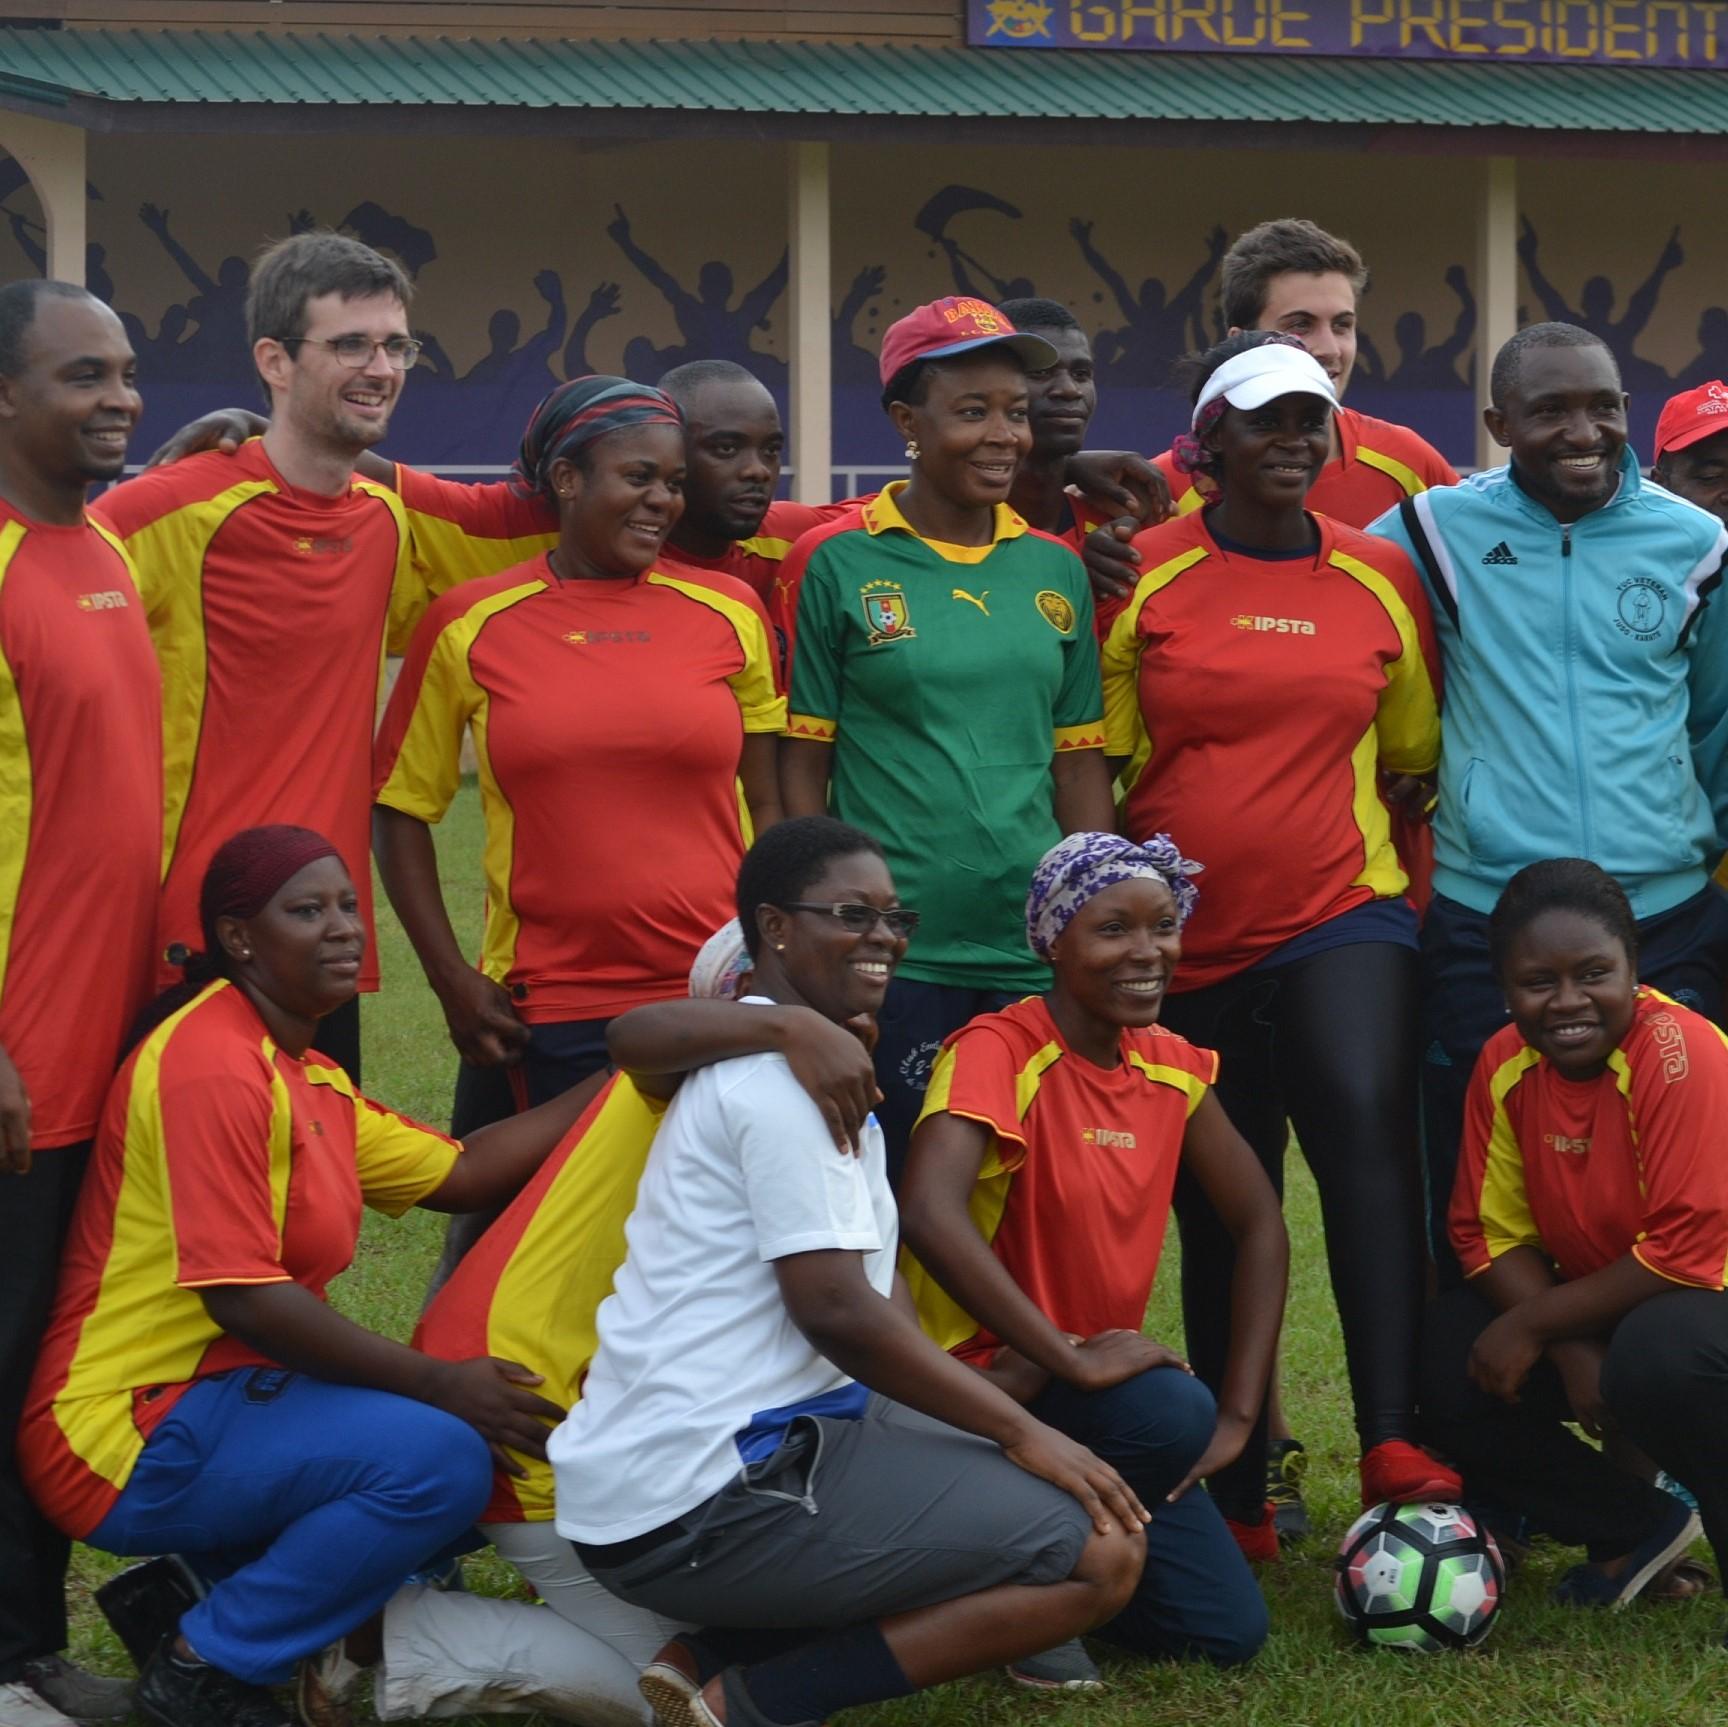 DE LA ROCHE-Bertrand-Cameroun